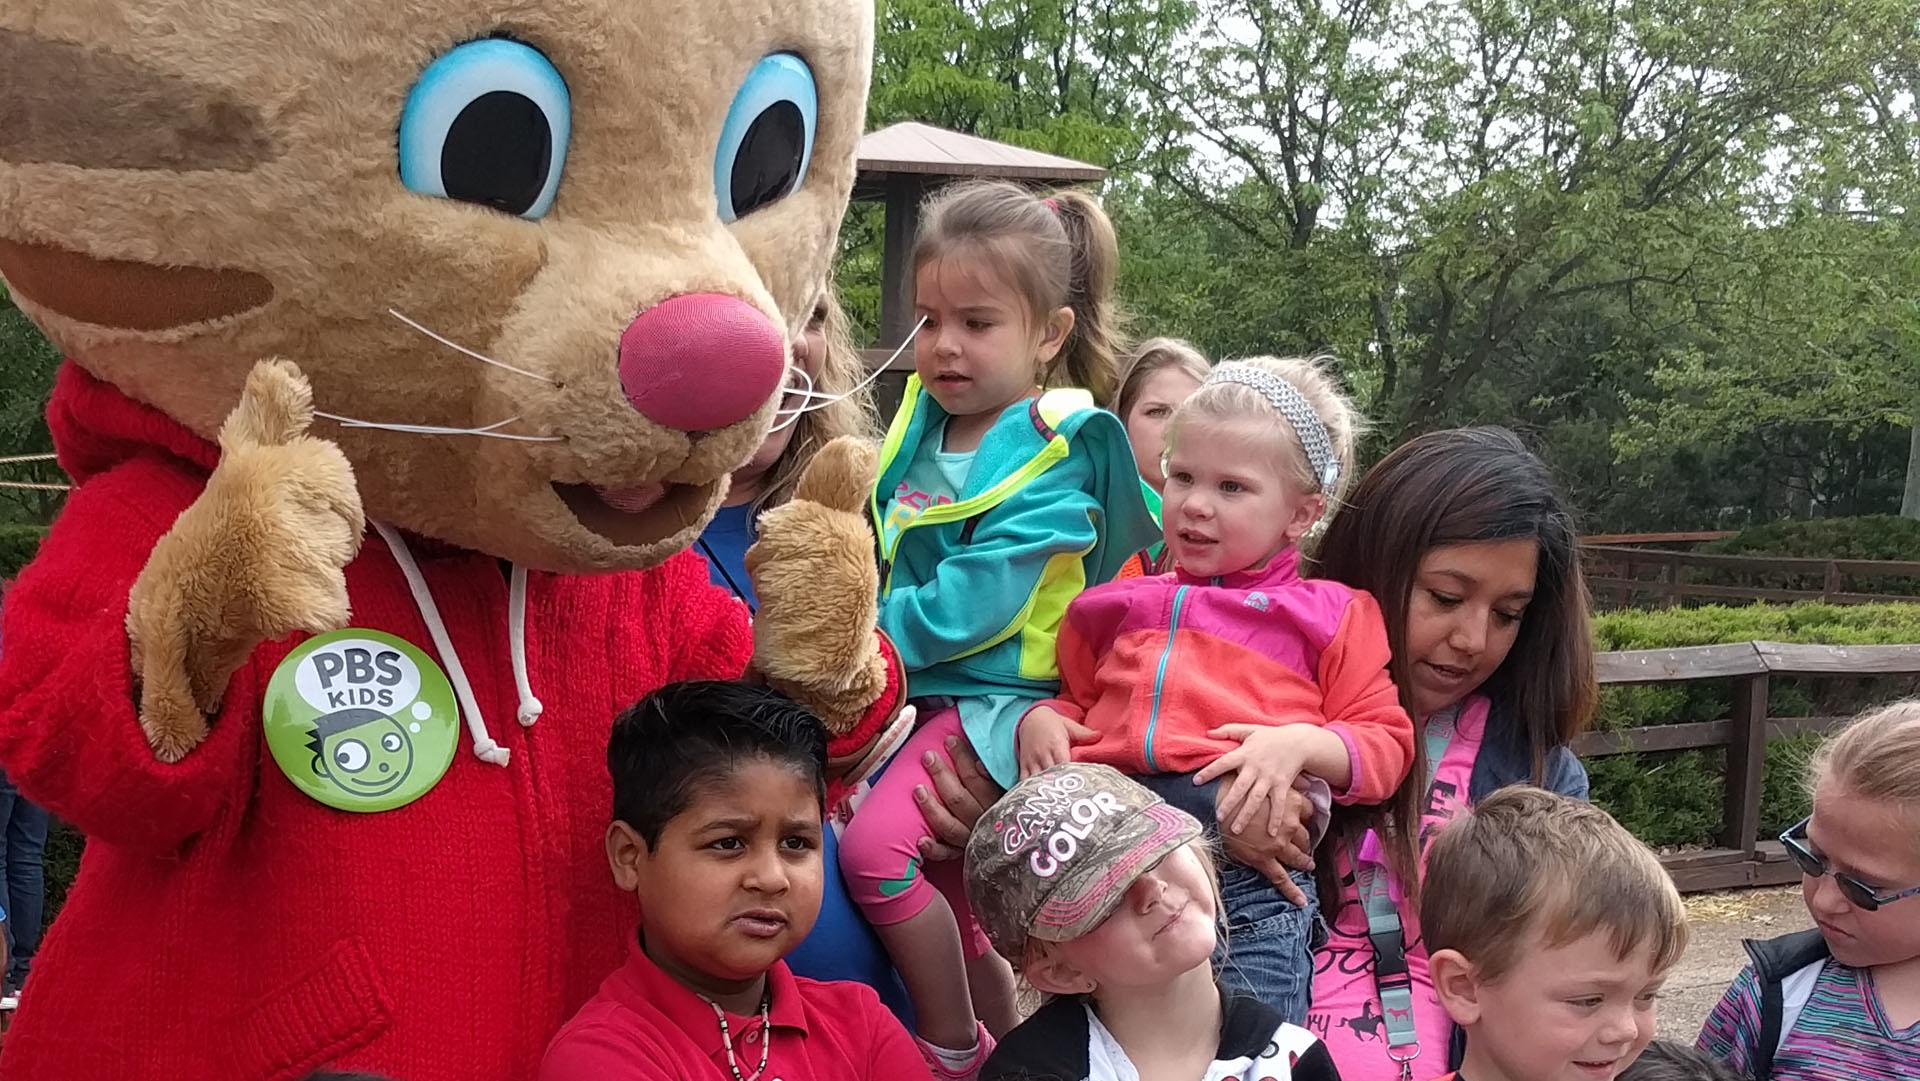 Daniel Tiger to visit Amarillo-area children in October